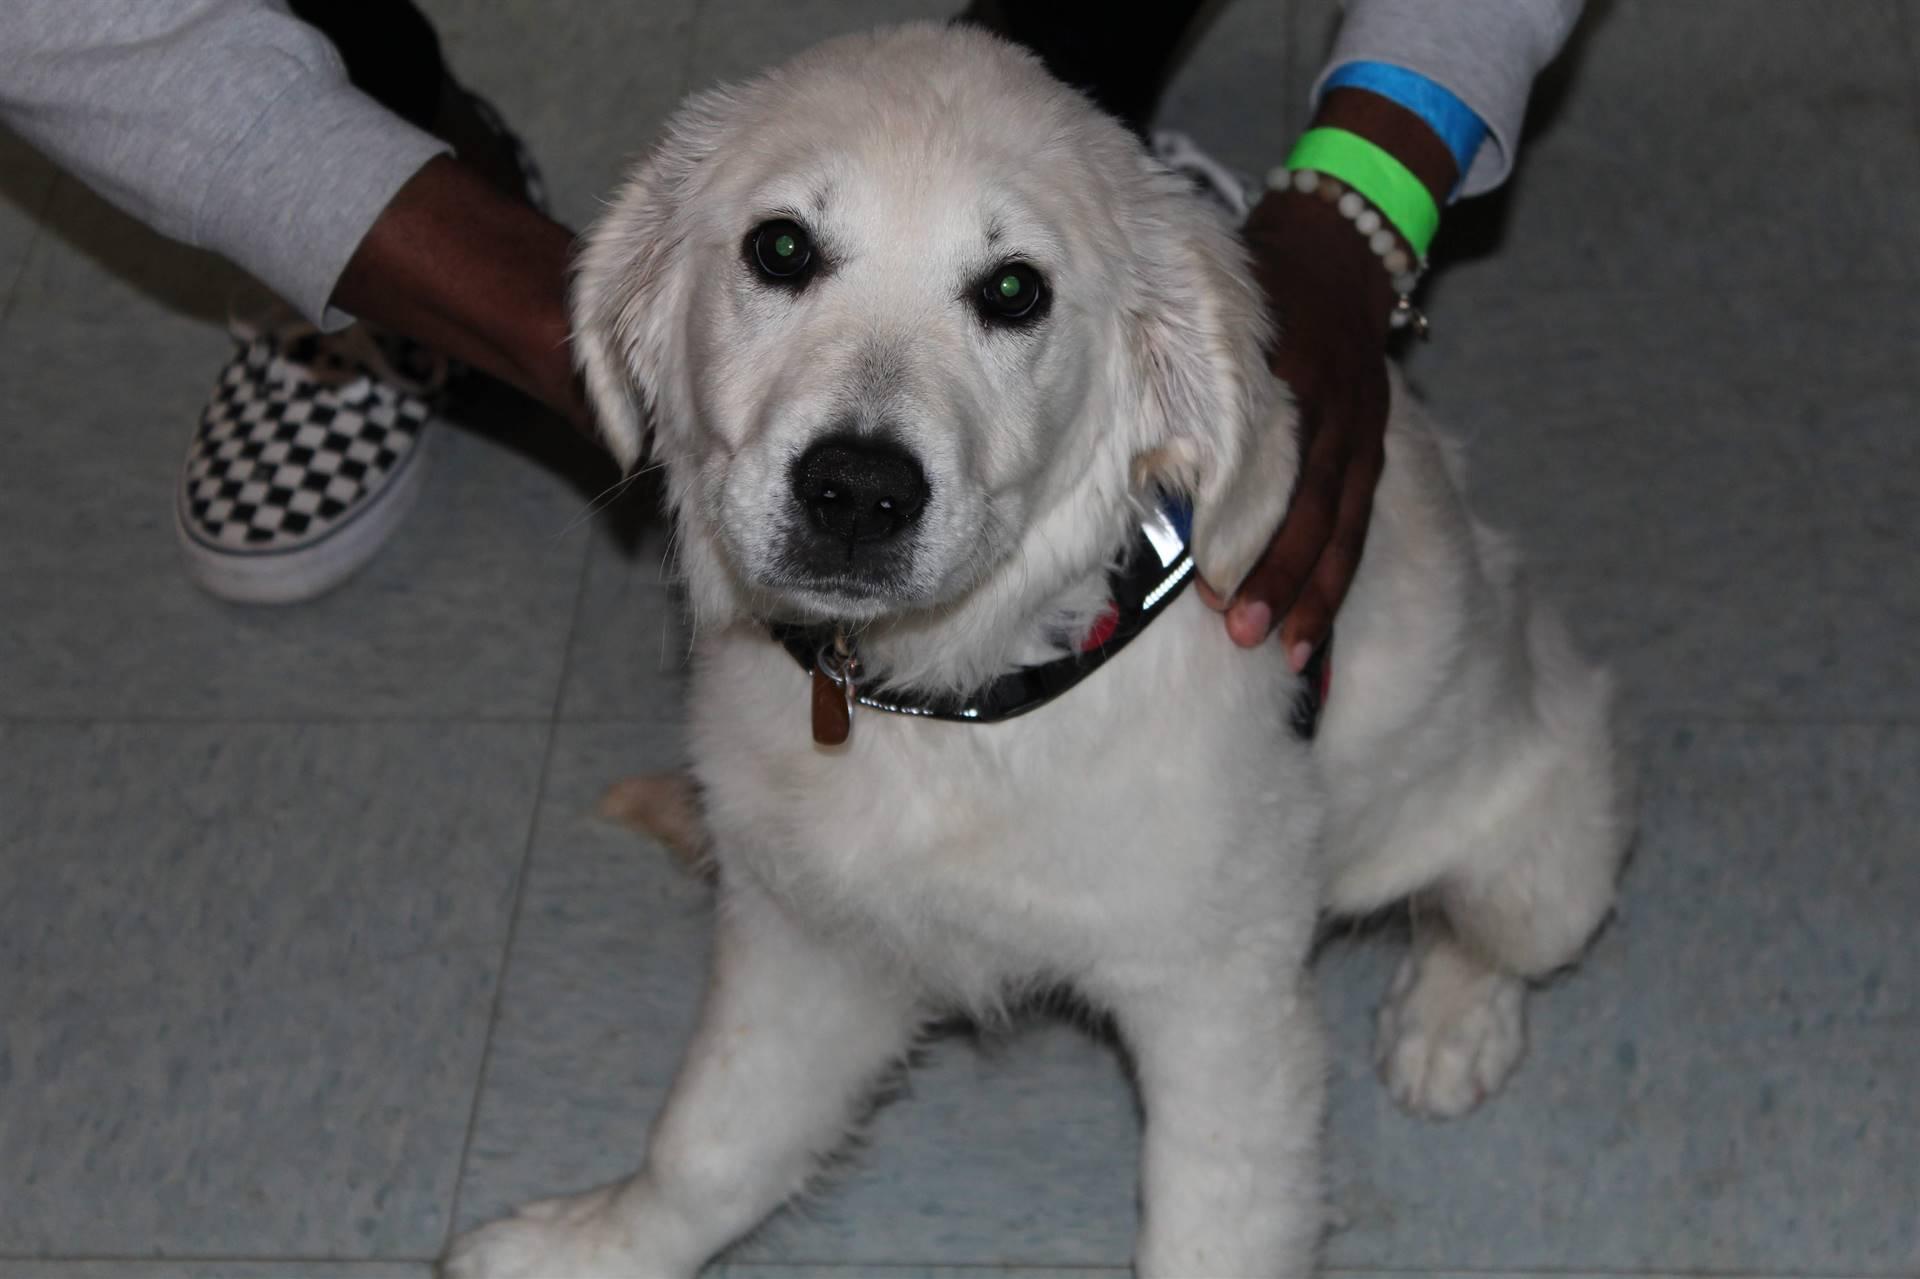 rosie the dog